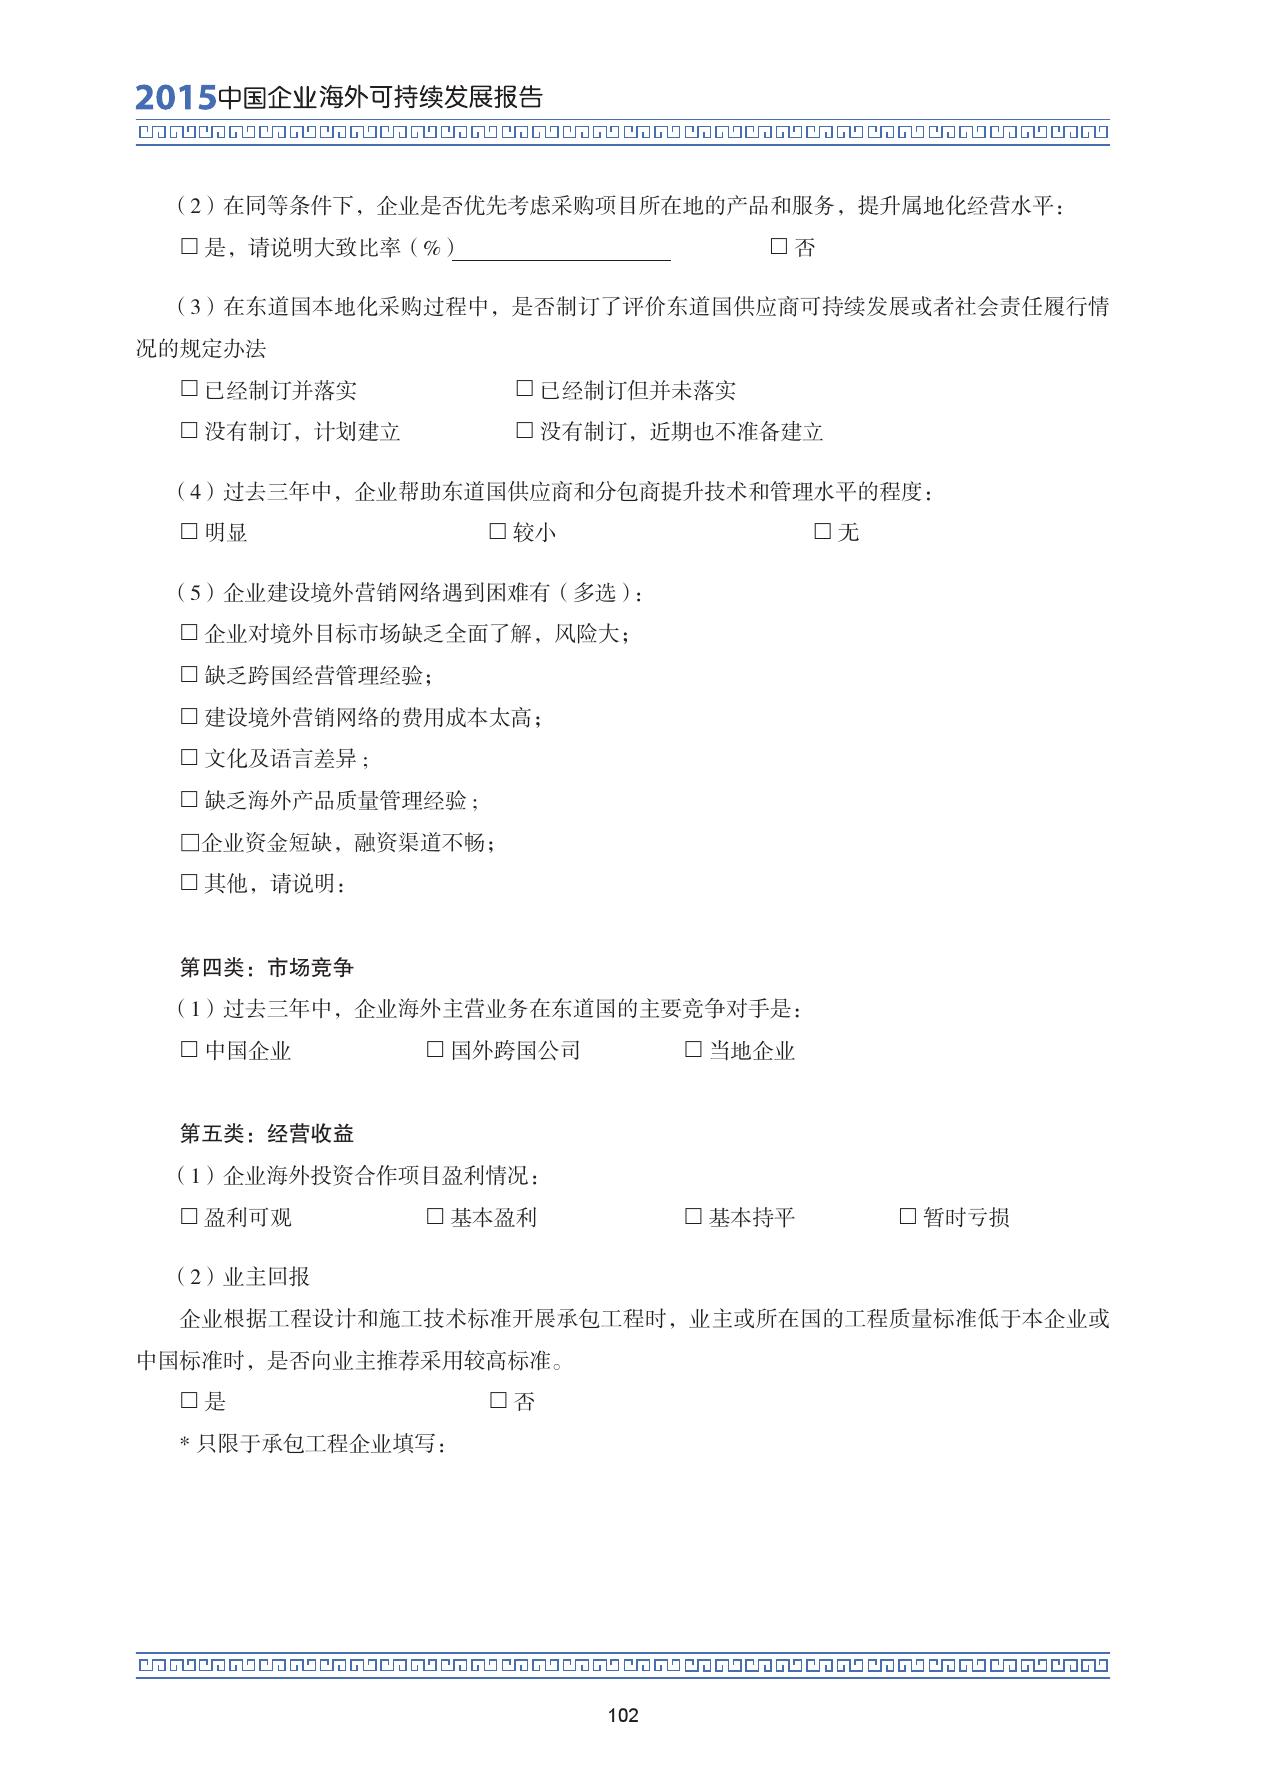 2015中国企业海外可持续发展报告_000116